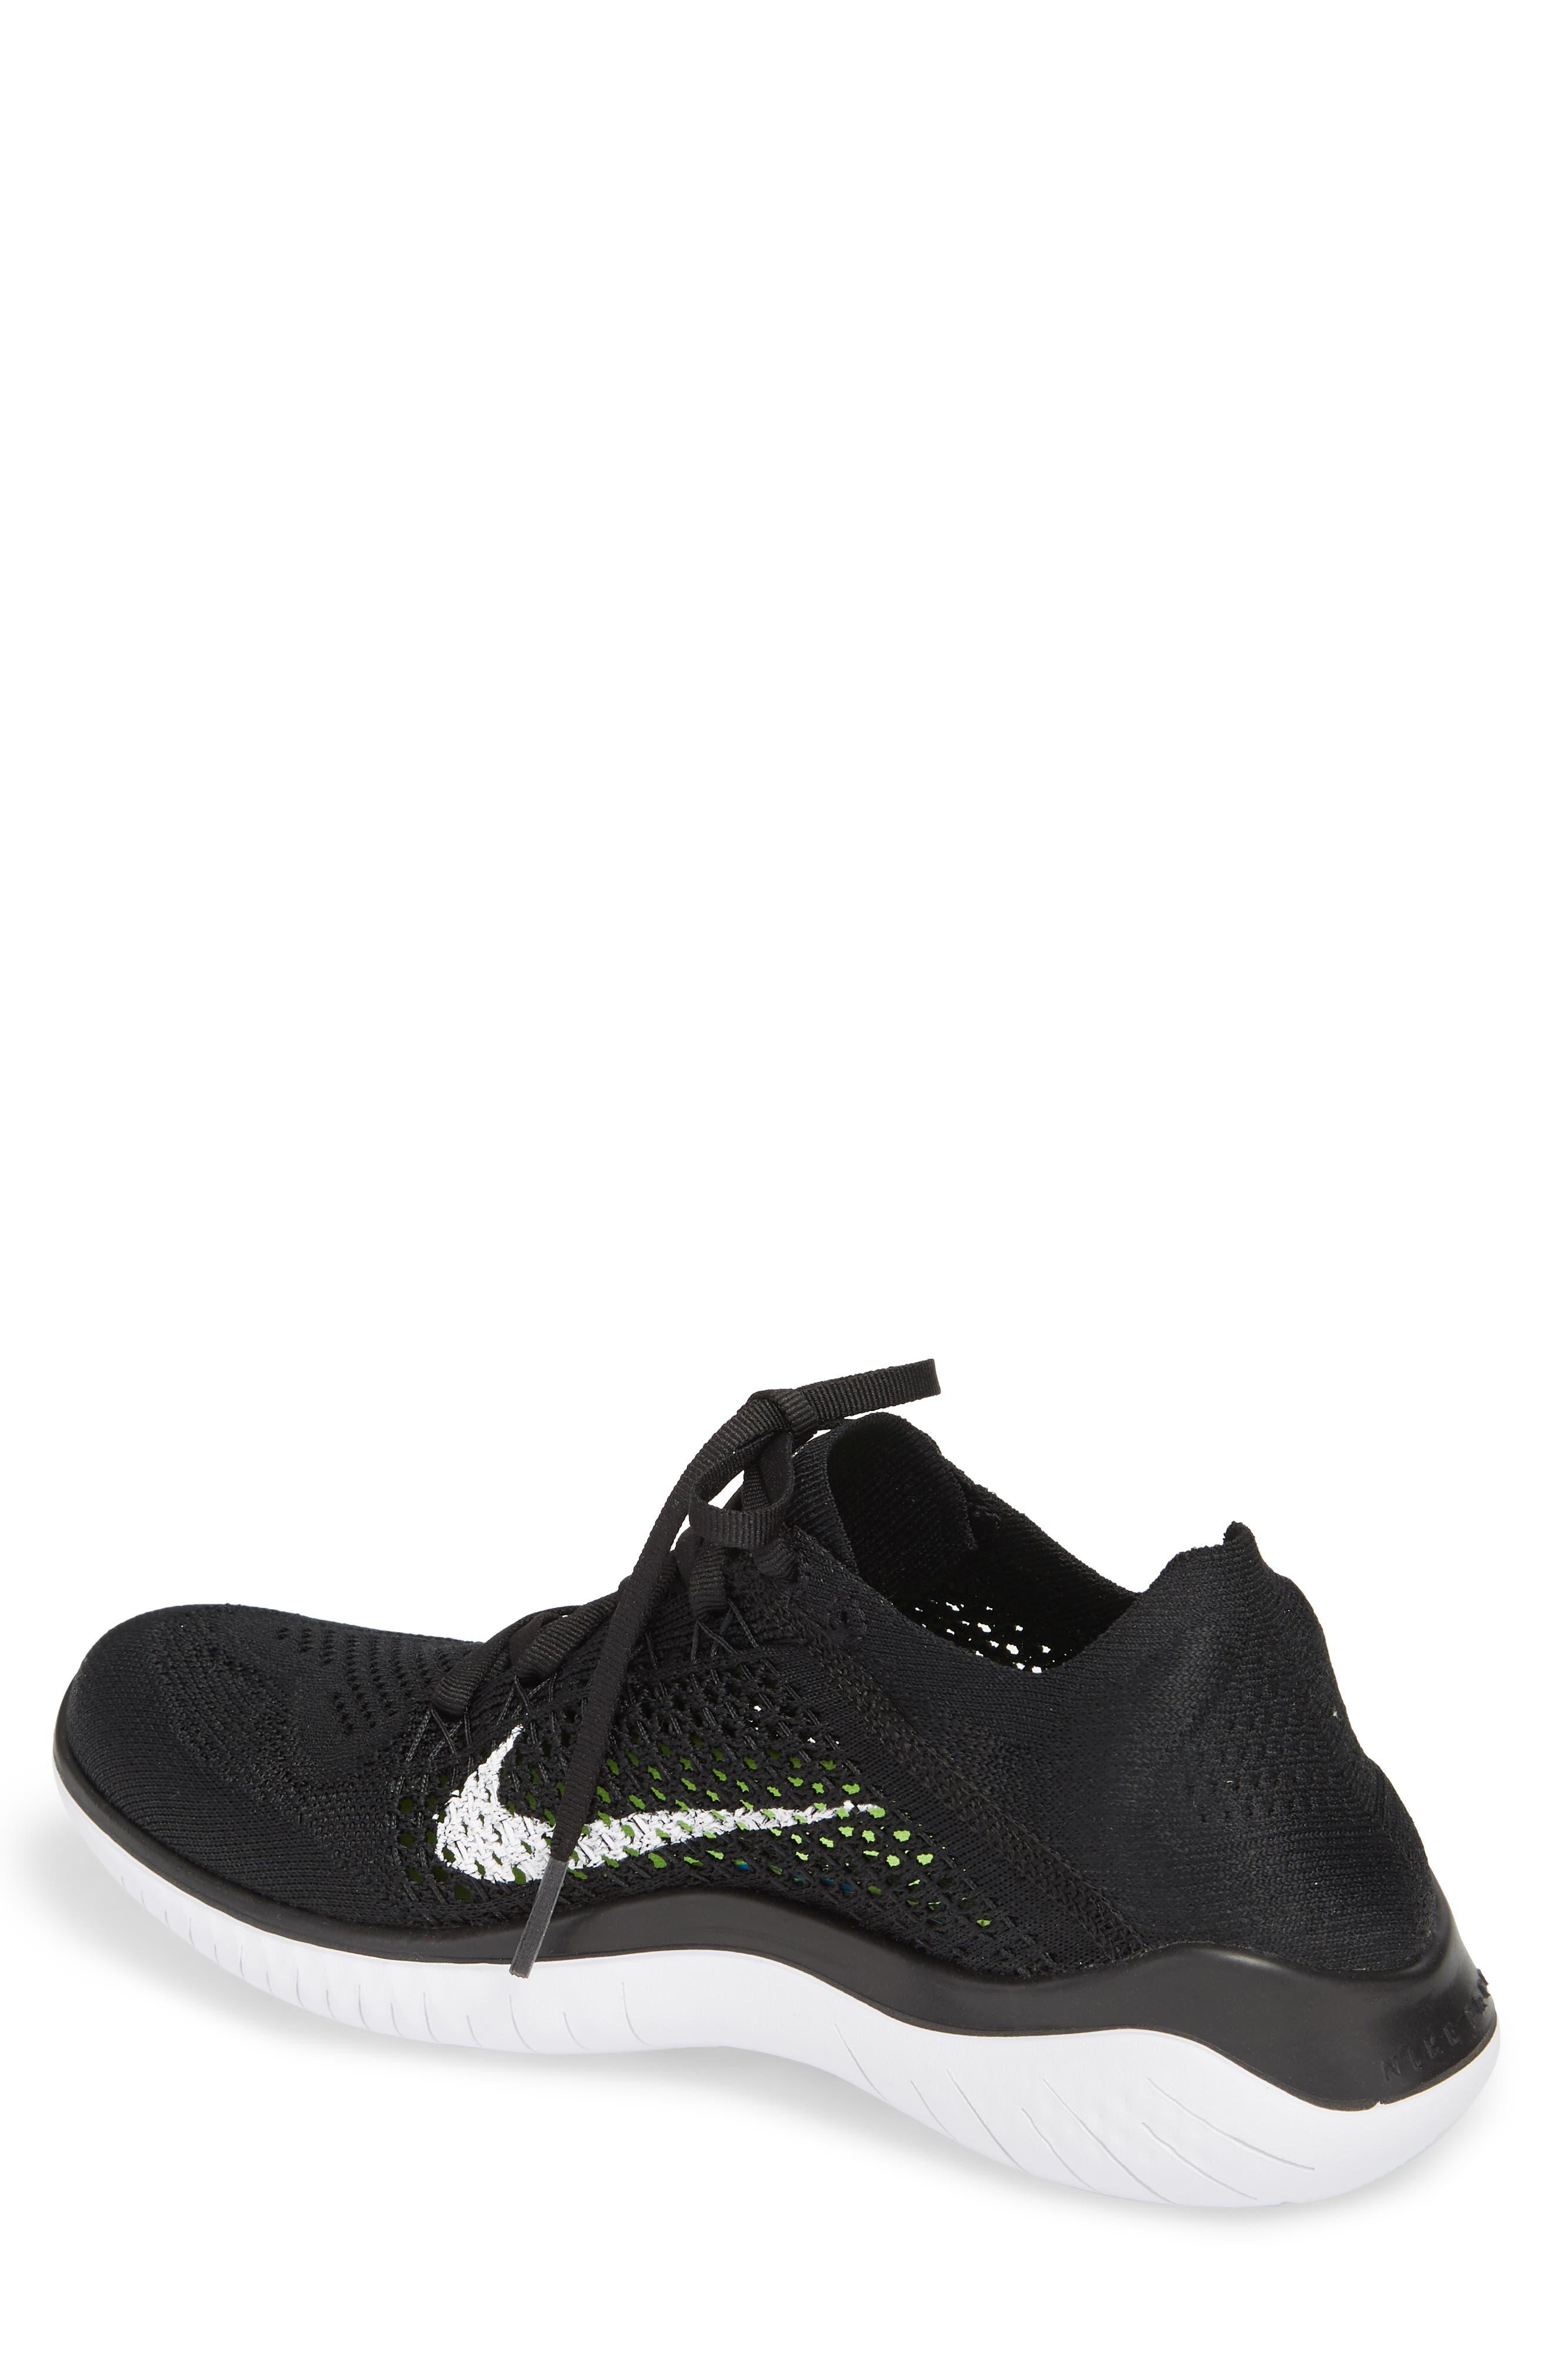 Free RN Flyknit 2018 Running Shoe,                             Alternate thumbnail 2, color,                             Black/ White